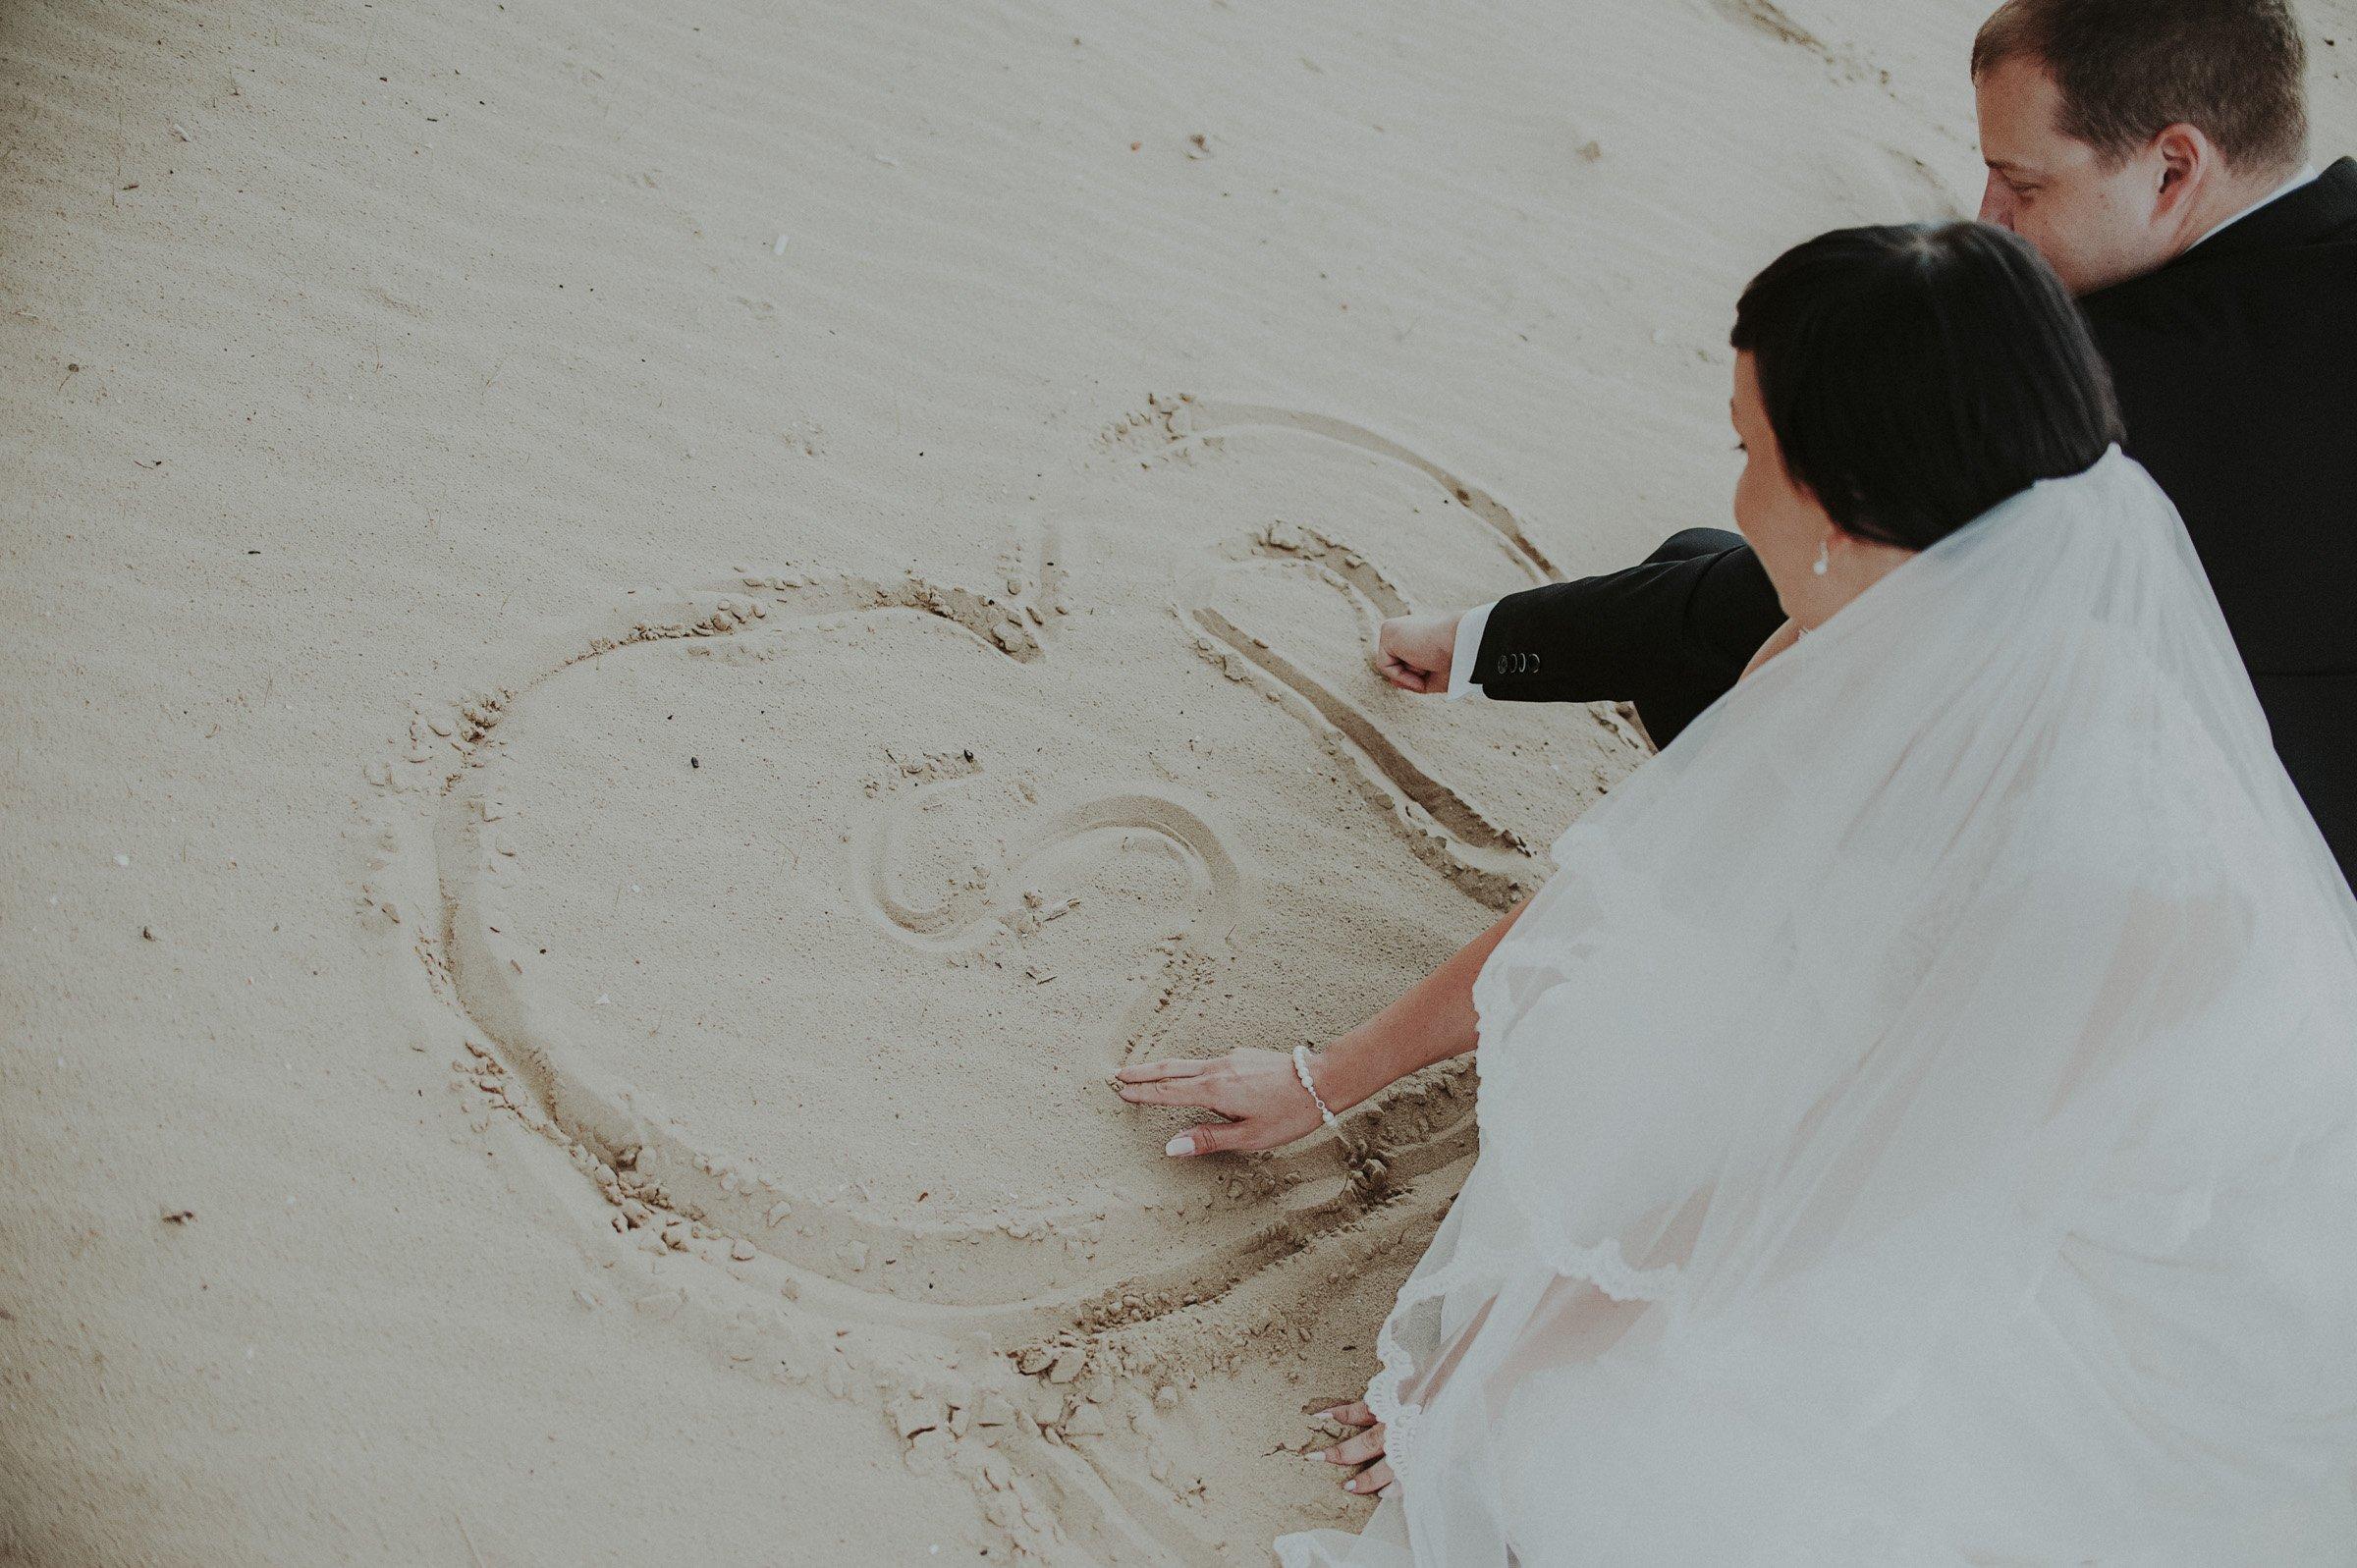 nasze wspólne serce